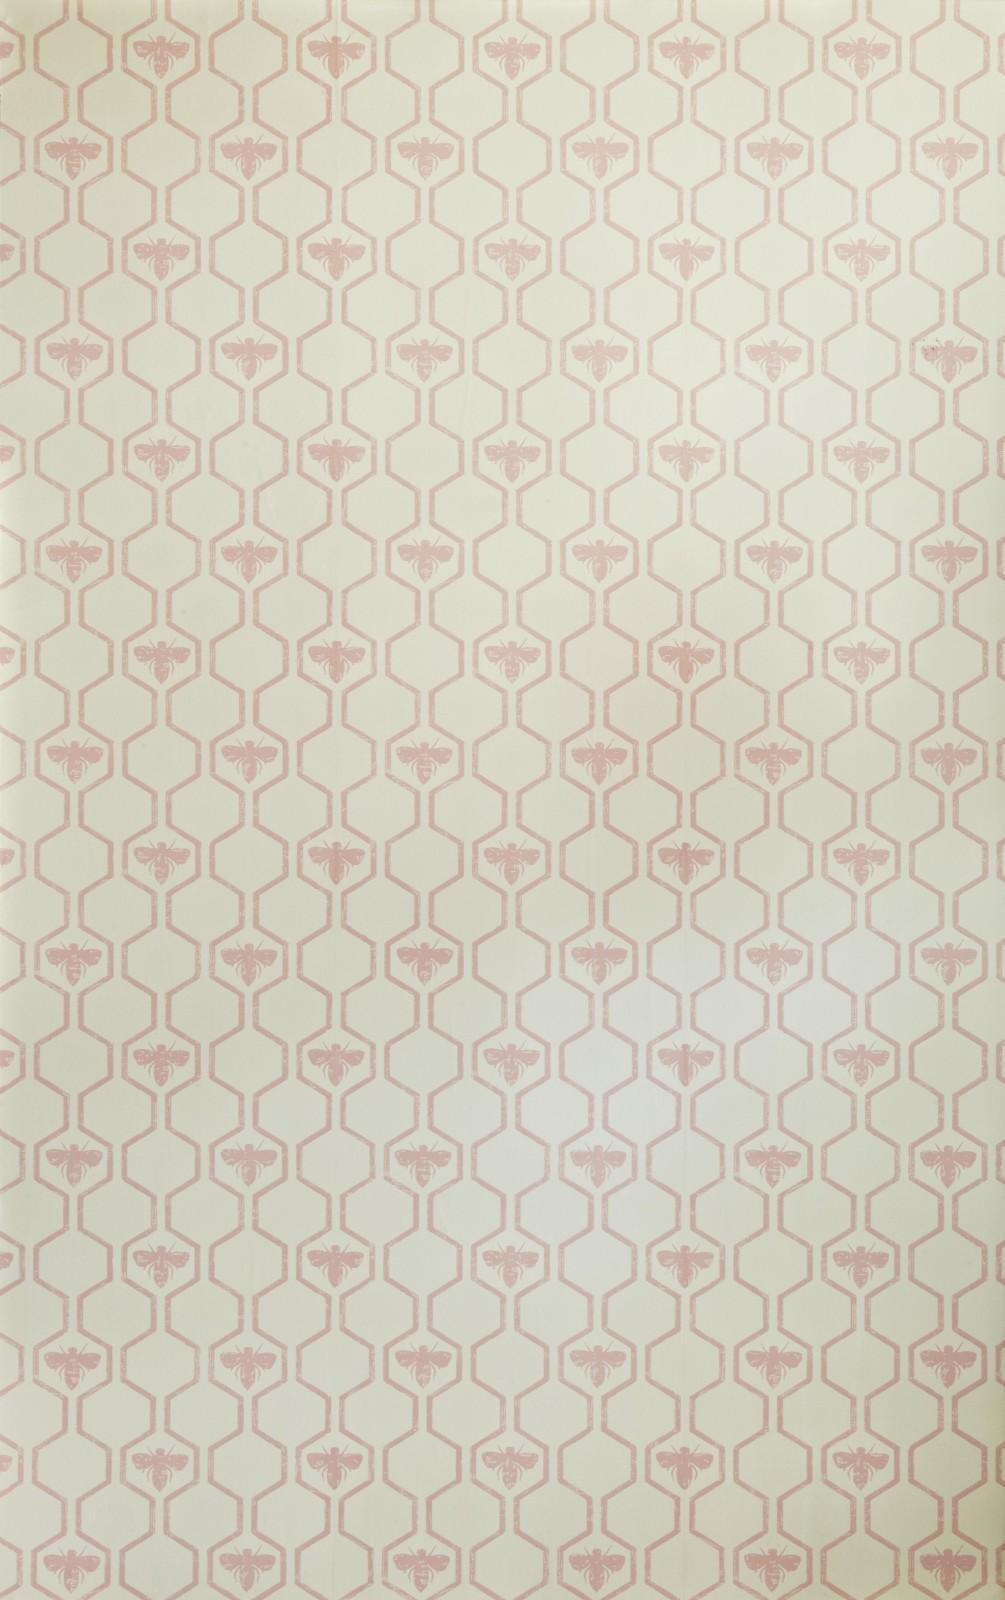 Honey Bees Wallpaper Rose on Stone